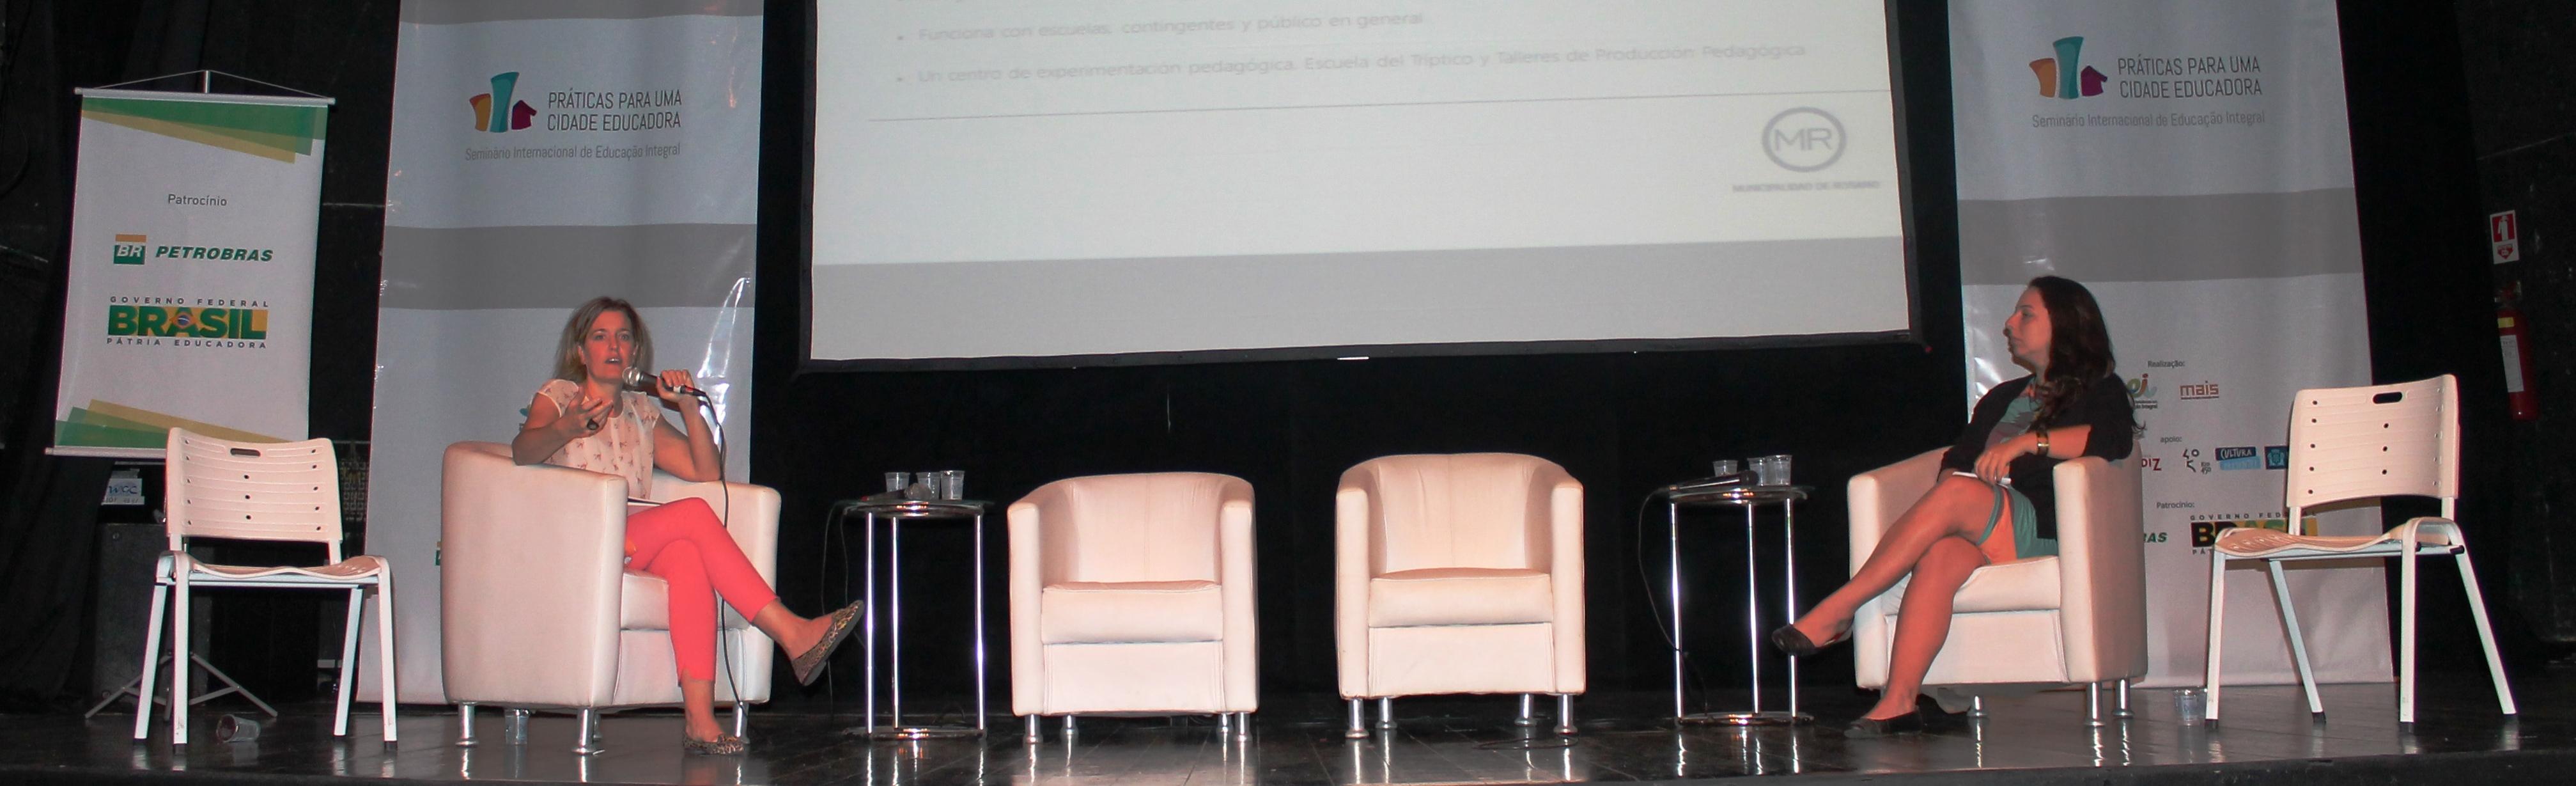 Carolina Balparda e Julia Ventura abrem o segundo dia do Seminário Internacional de Educação Integral: Práticas para uma cidade educadora